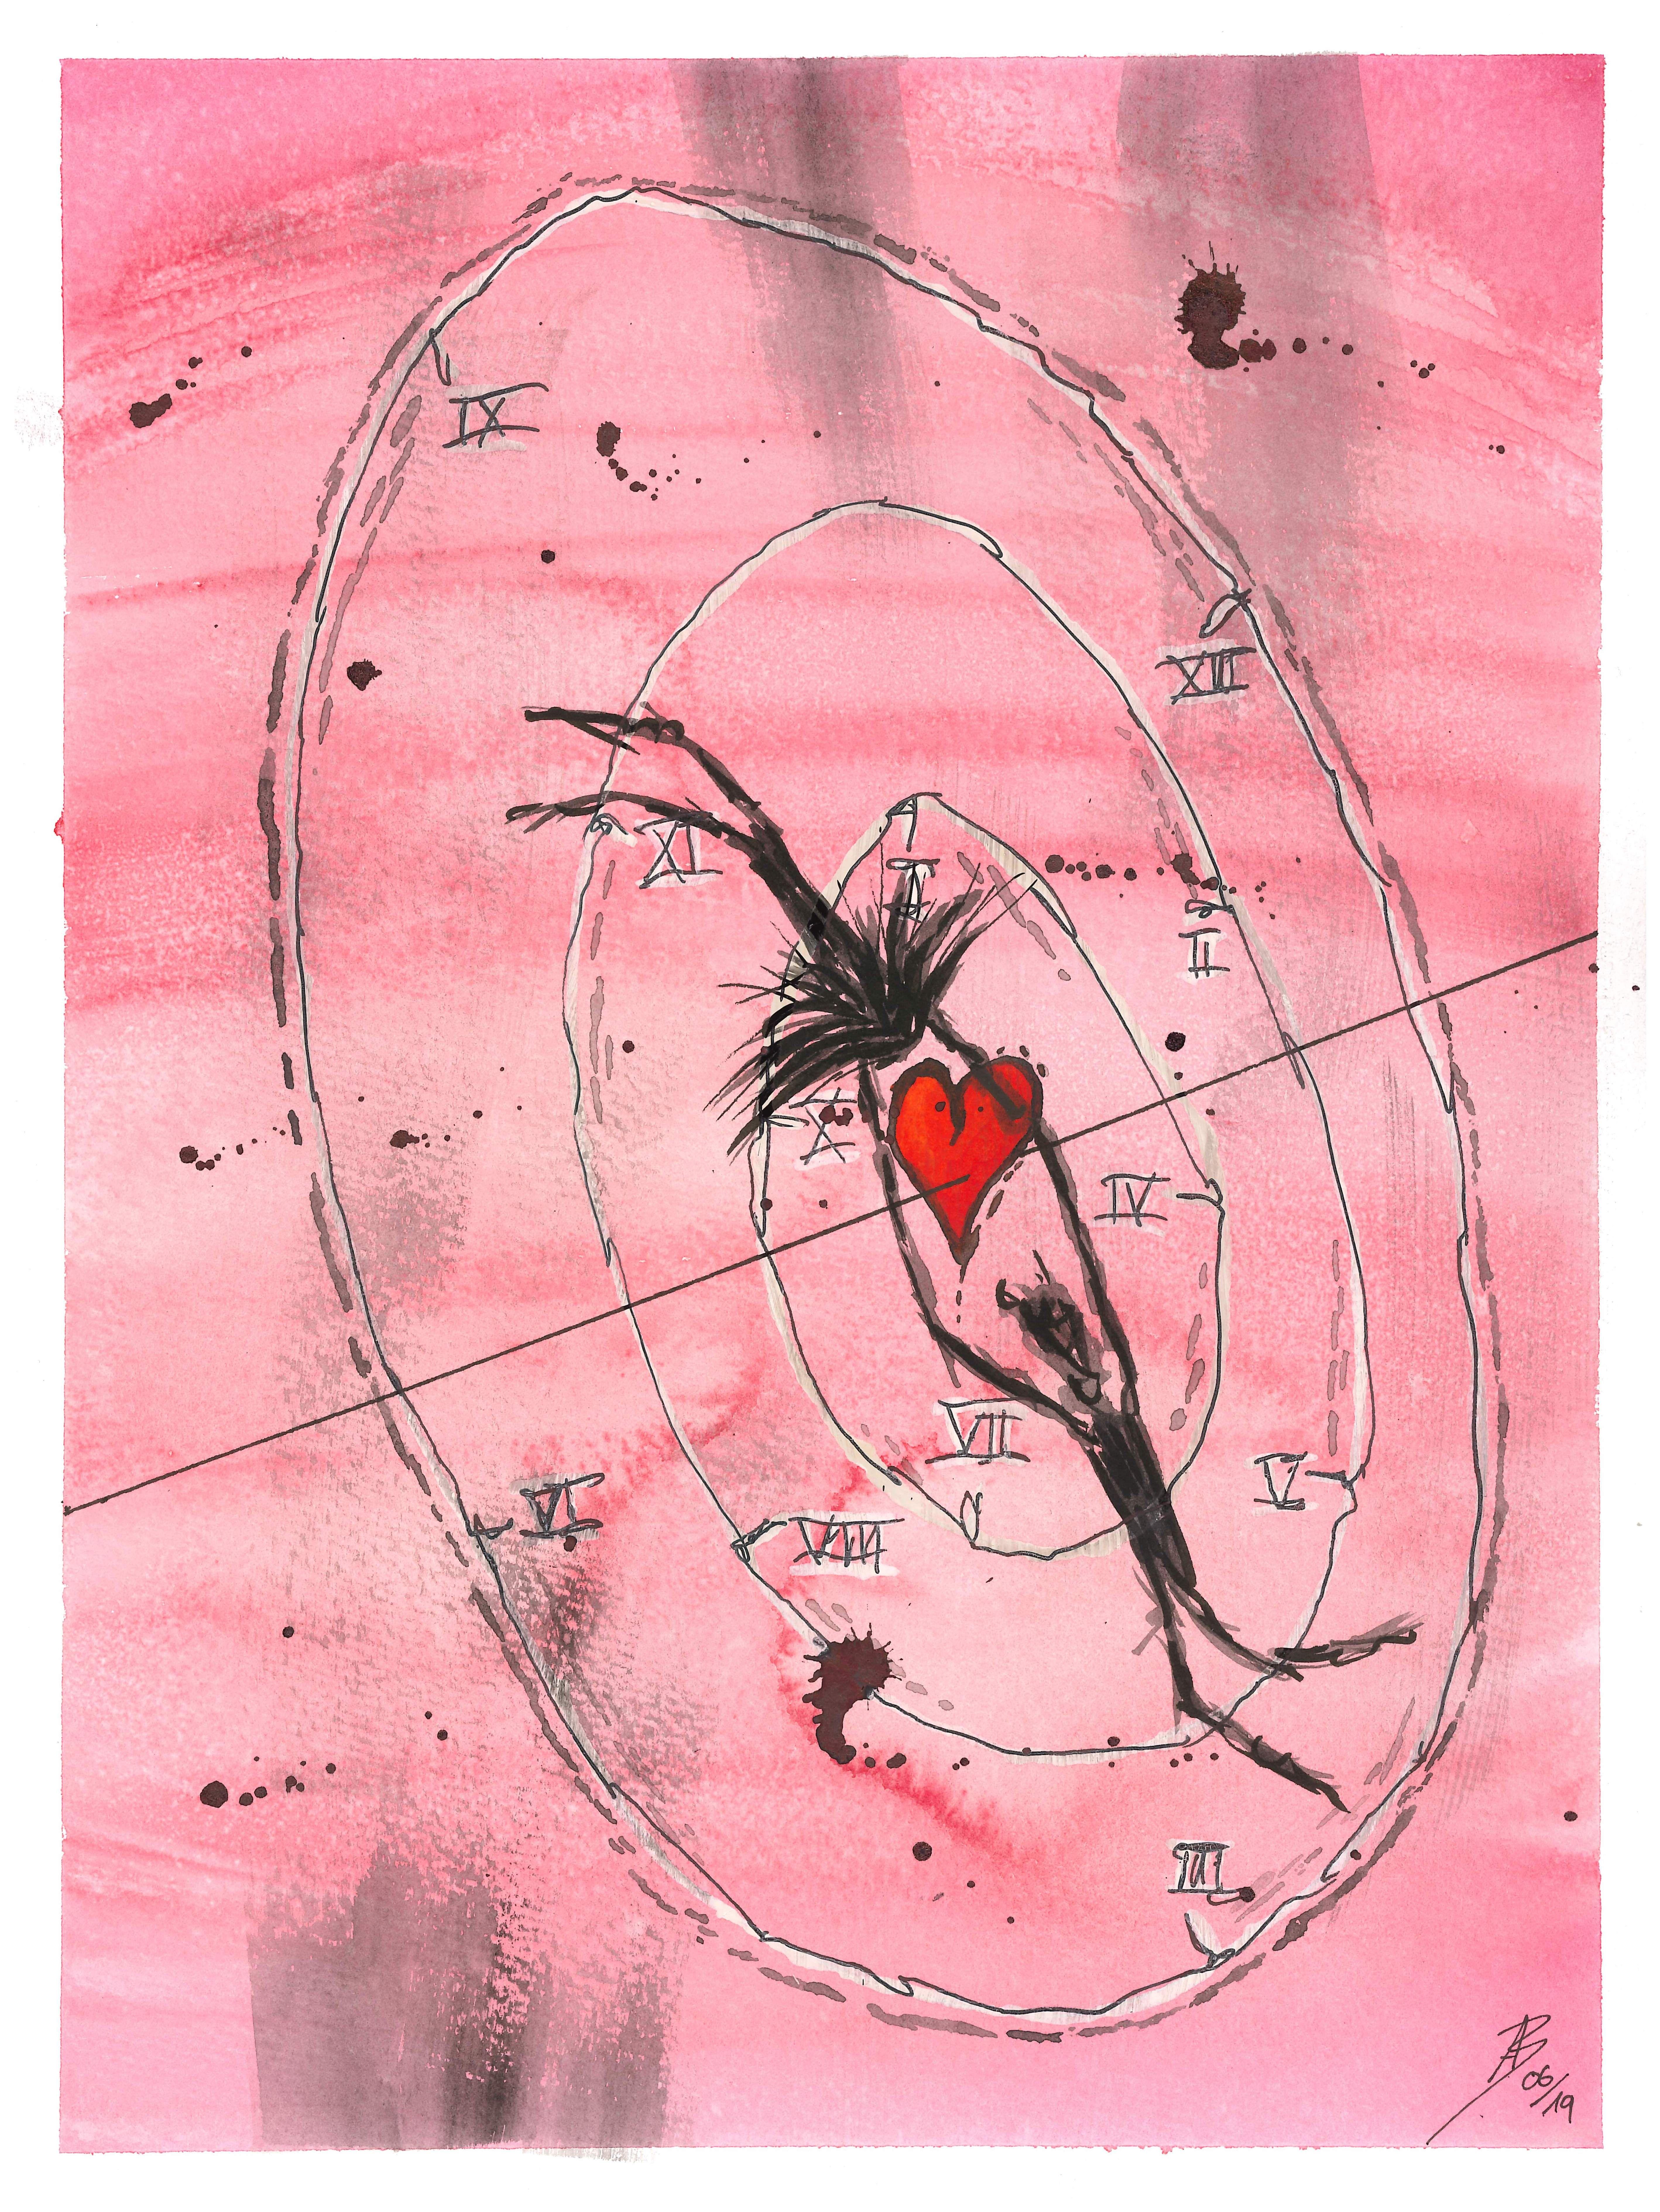 The Circle of Life  24x32 cm  Aquarelle Die Liebe lässt uns durchhalten Sie übersteht jede Zeit 062019  24x32 cm  Aquarell  Tinte auf 300g Aquarellpapier